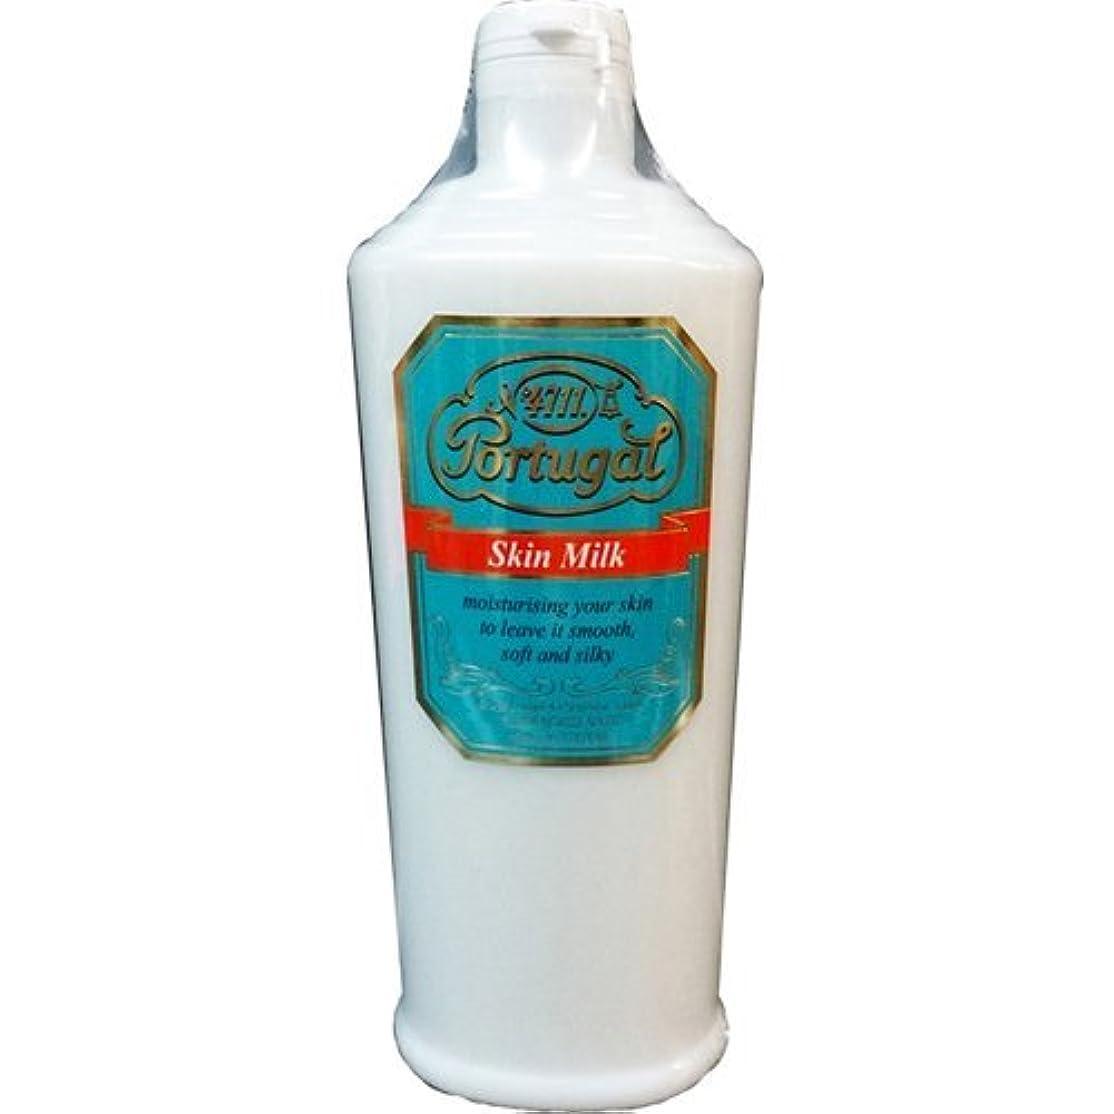 マグ獣微弱4711 ポーチュガル スキンミルク 500ml